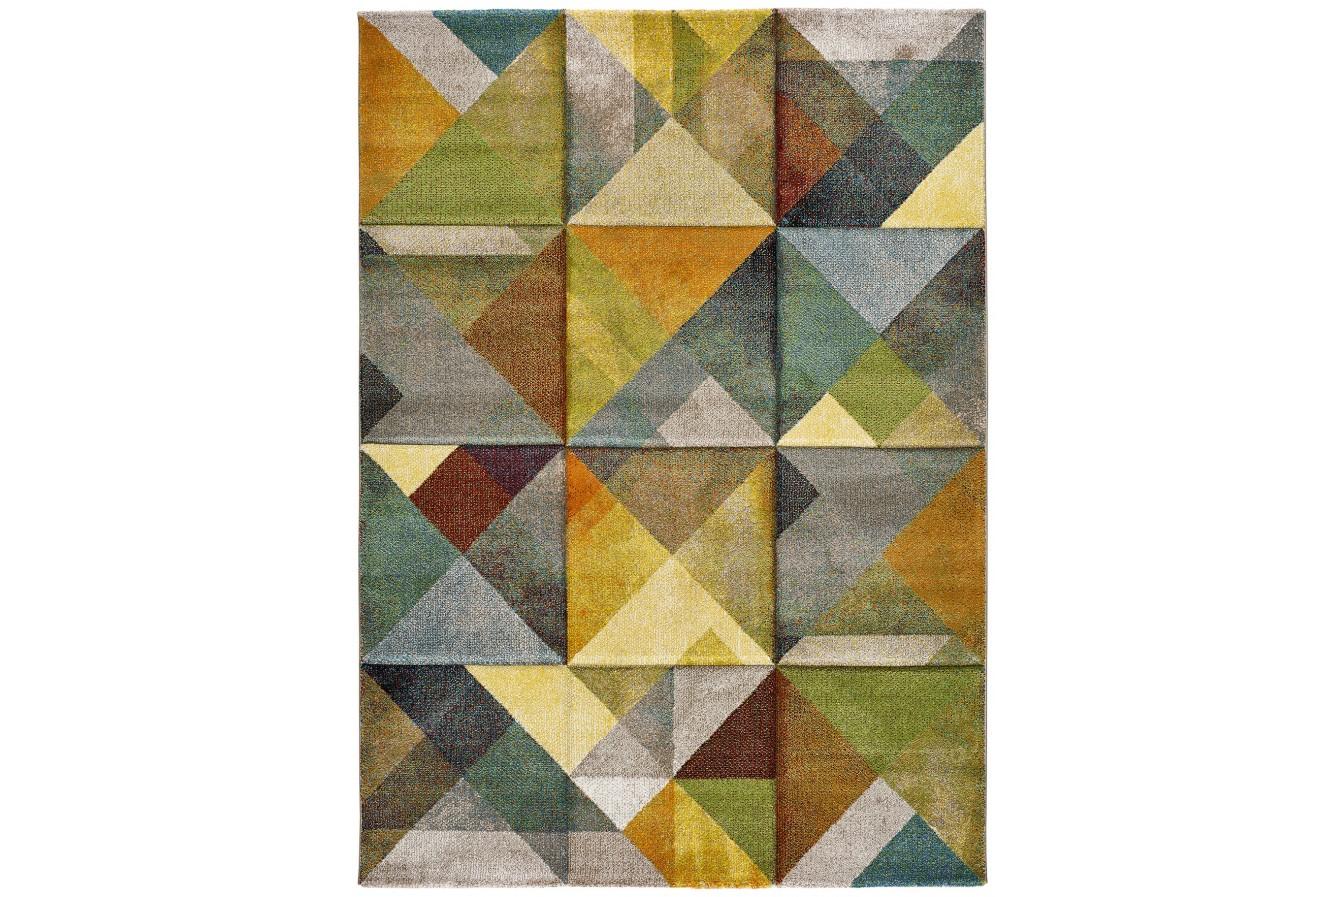 Modny Kolorowy Geometryczny Dywan Universal Matrix 24064 21 Multi